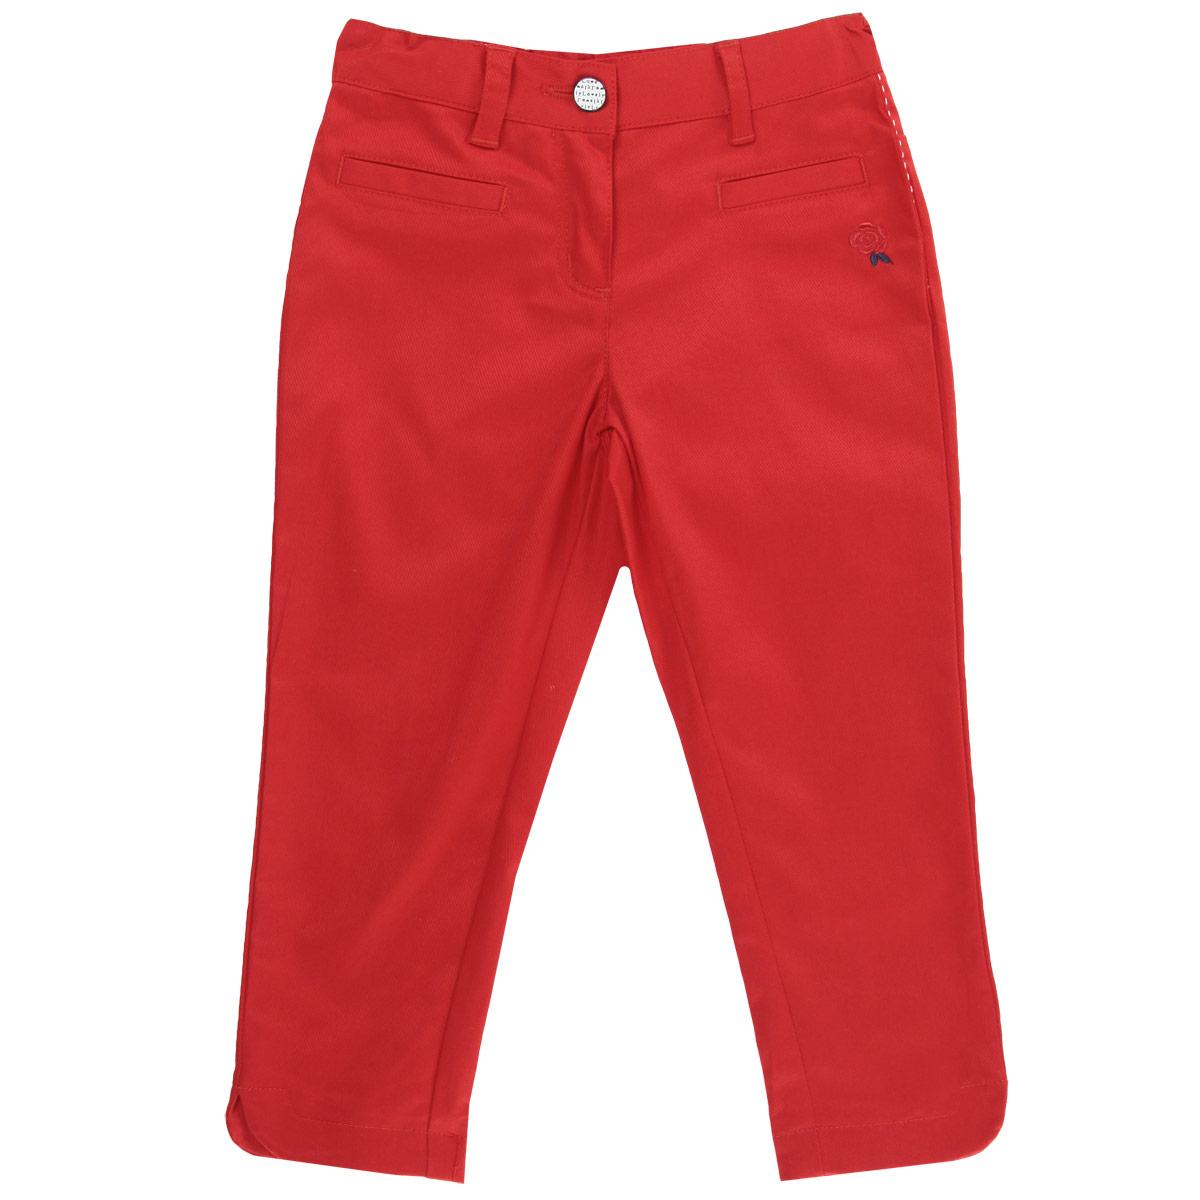 Брюки для девочки. 90240849024084Очаровательные летние брюки для девочки Chicco идеально подойдут вашей маленькой моднице для отдыха и прогулок. Изготовленные из хлопка с добавлением эластана, они мягкие и приятные на ощупь, не сковывают движения и позволяют коже дышать, не раздражают даже самую нежную и чувствительную кожу ребенка, обеспечивая наибольший комфорт. Брюки на талии застегиваются на металлическую кнопку. Также имеются шлевки для ремня и ширинка на пластиковой застежке-молнии. С внутренней стороны пояс регулируется резинкой на пуговицах. Спереди имеется имитация двух прорезных карманов. Оформлена модель контрастной строчкой по боковым швам и небольшой вышивкой в виде цветка. Низ брючин по бокам немного закруглен, имеются небольшие разрезы. Современный дизайн и модная расцветка делают эти брюки стильным предметом детского гардероба. В них ваша принцесса всегда будет в центре внимания!